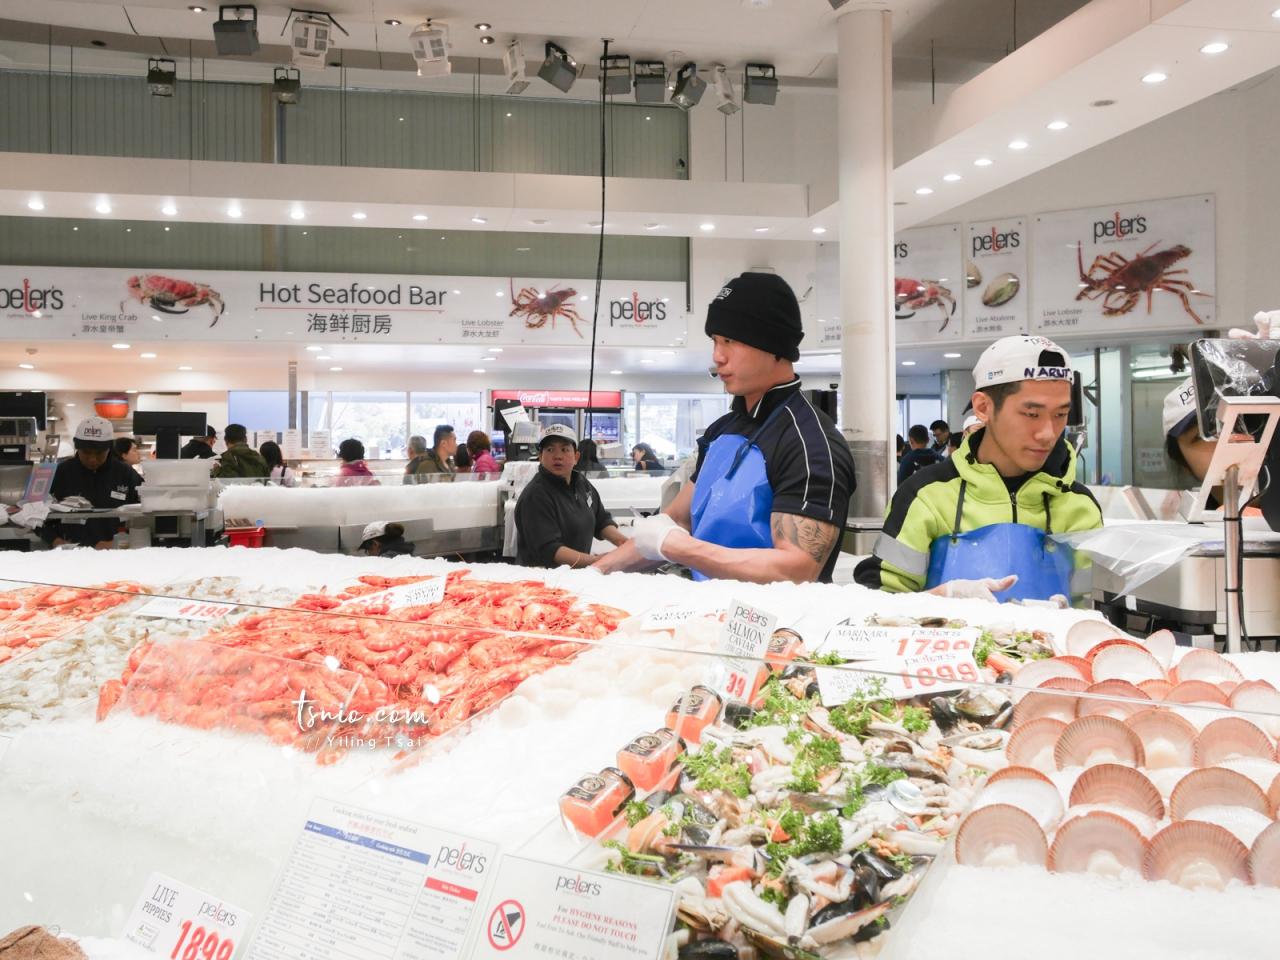 澳洲雪梨景點 Sydney Fish Market 雪梨魚市場 新鮮海產美味生蠔